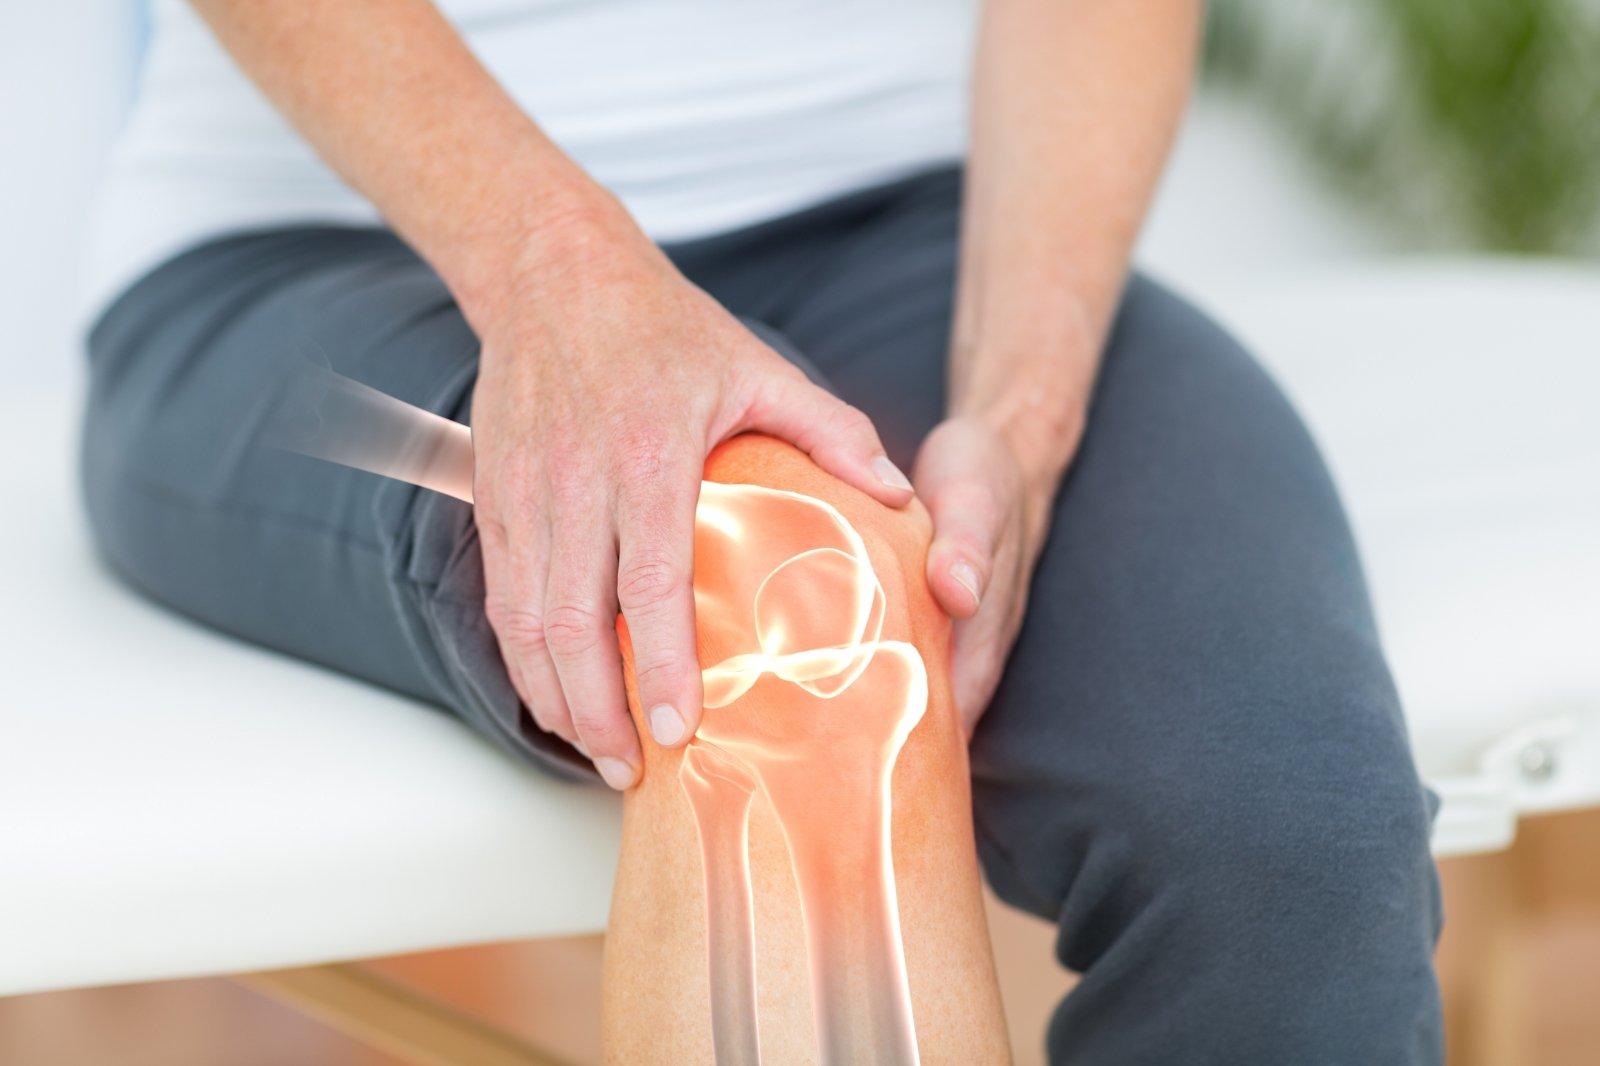 lūžis radialinio kaulais alkūnės sąnario gydymas bold jungtys pečių ir klubų